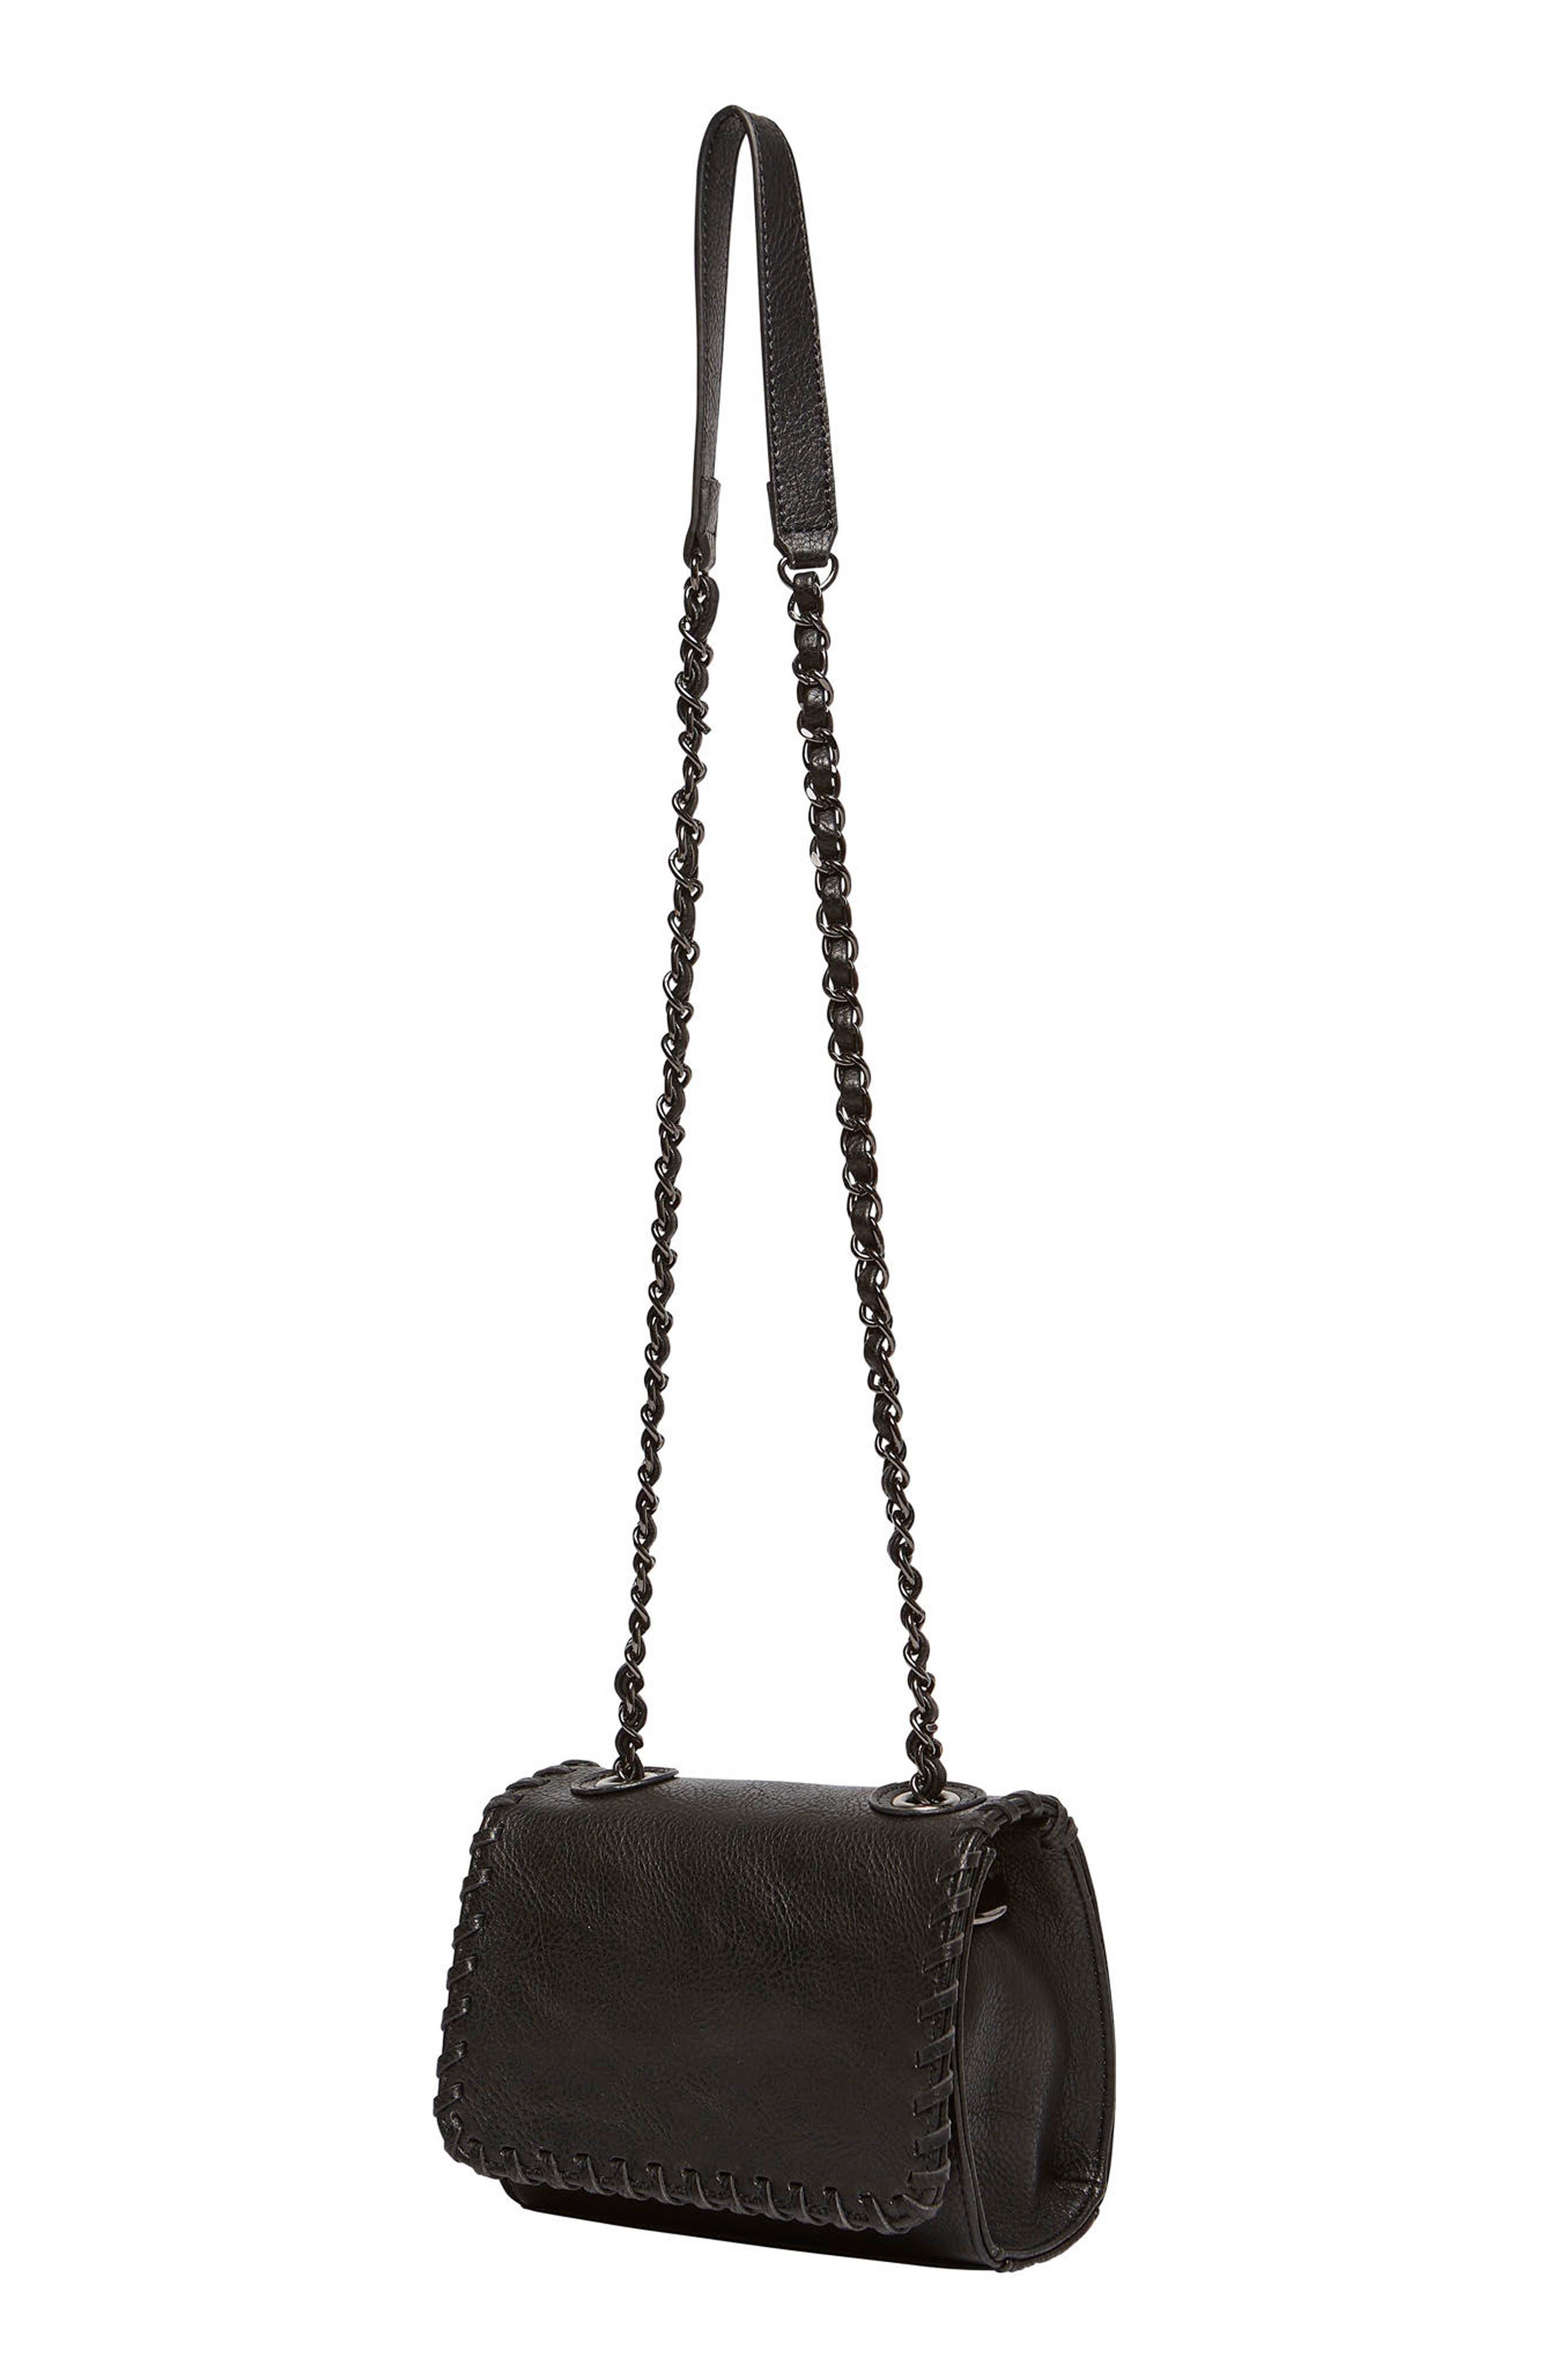 Loveliness Vegan Leather Shoulder Bag,                             Alternate thumbnail 3, color,                             001